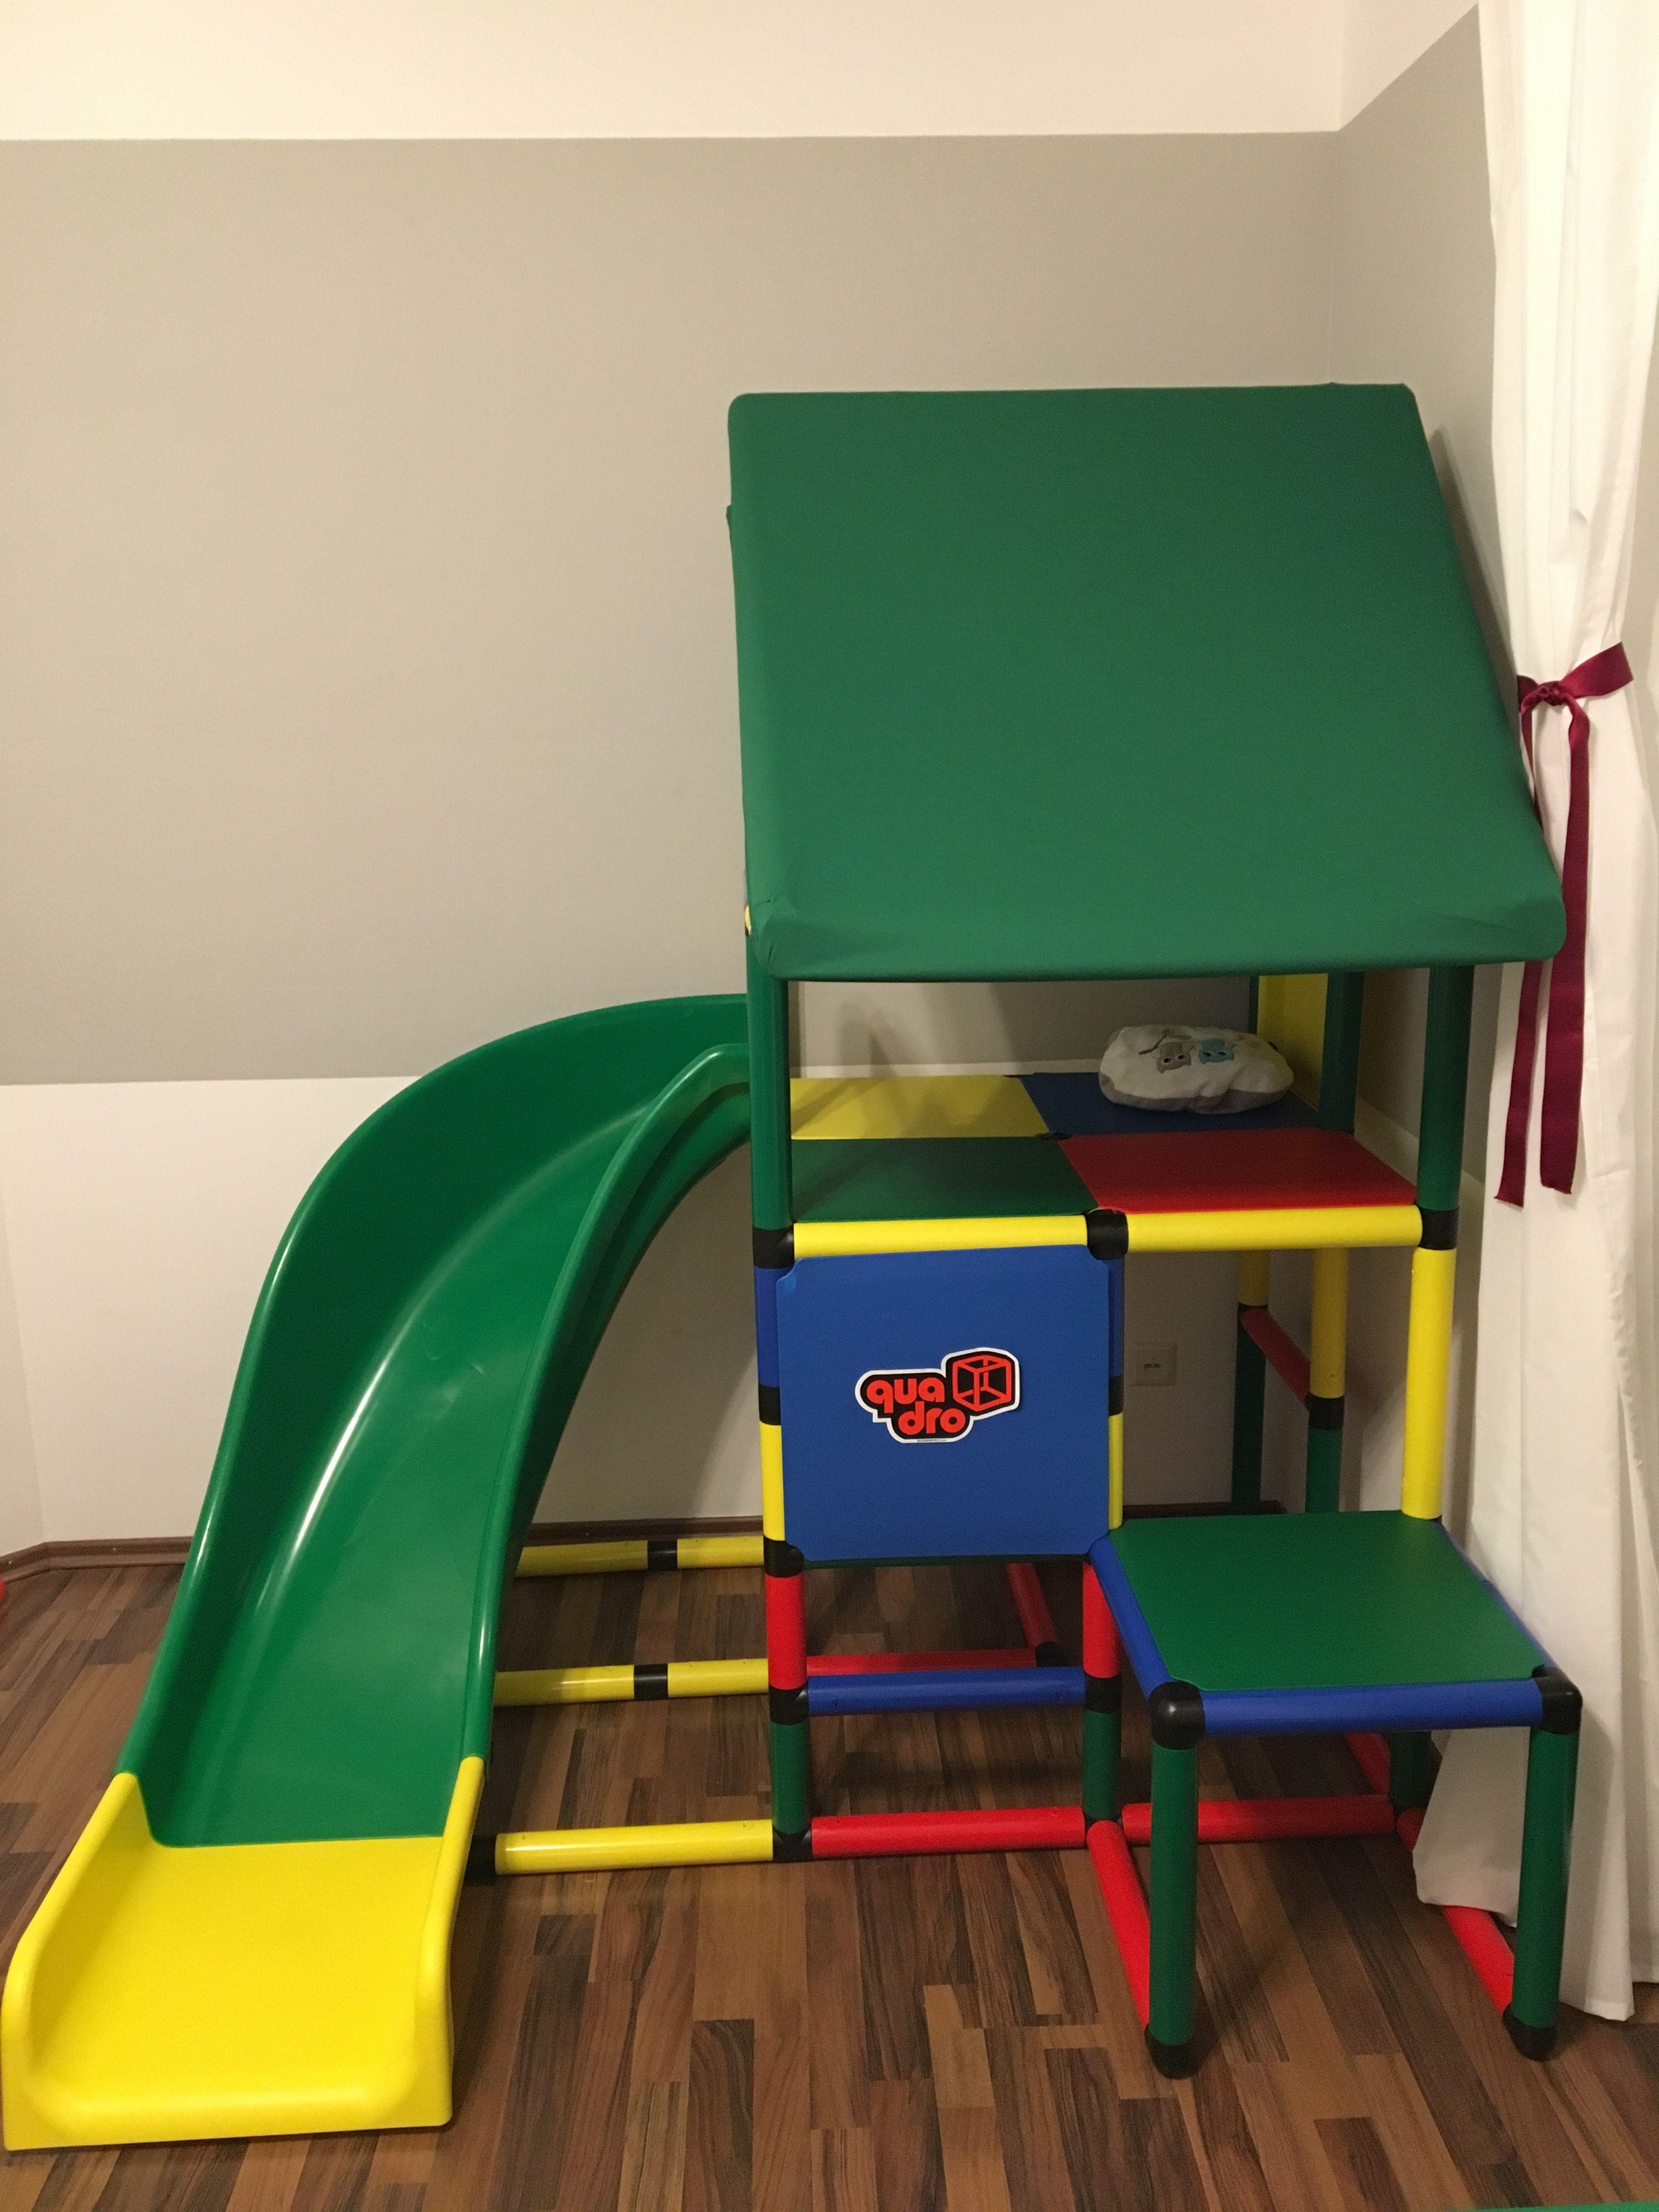 Indoor Klettergerüst von QUADRO fürs Kinderzimmer - einfach super ...